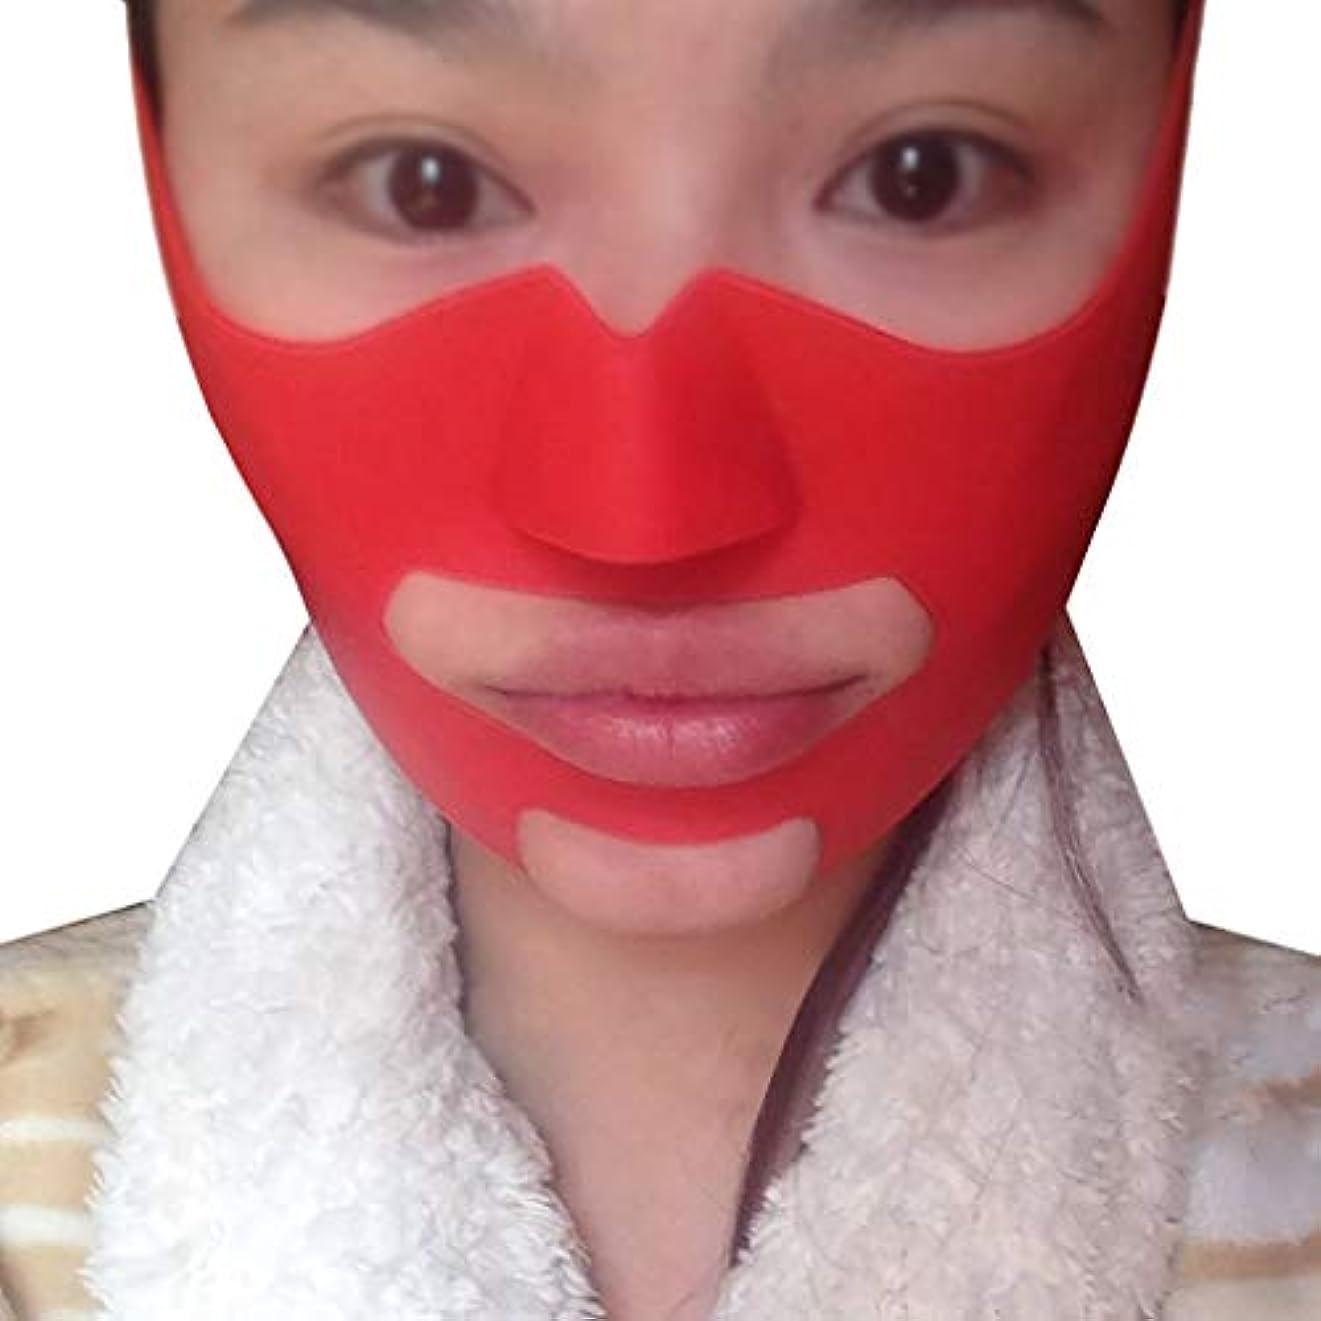 革新とまり木トリクルフェイスリフトマスク、シリコーンVフェイスマスクフェイスマスク強力な薄い咬筋の筋肉は、パターンのアーティファクト小さなVフェイス包帯の顔と首のリフトを解くためにリンゴの筋肉を持ち上げます